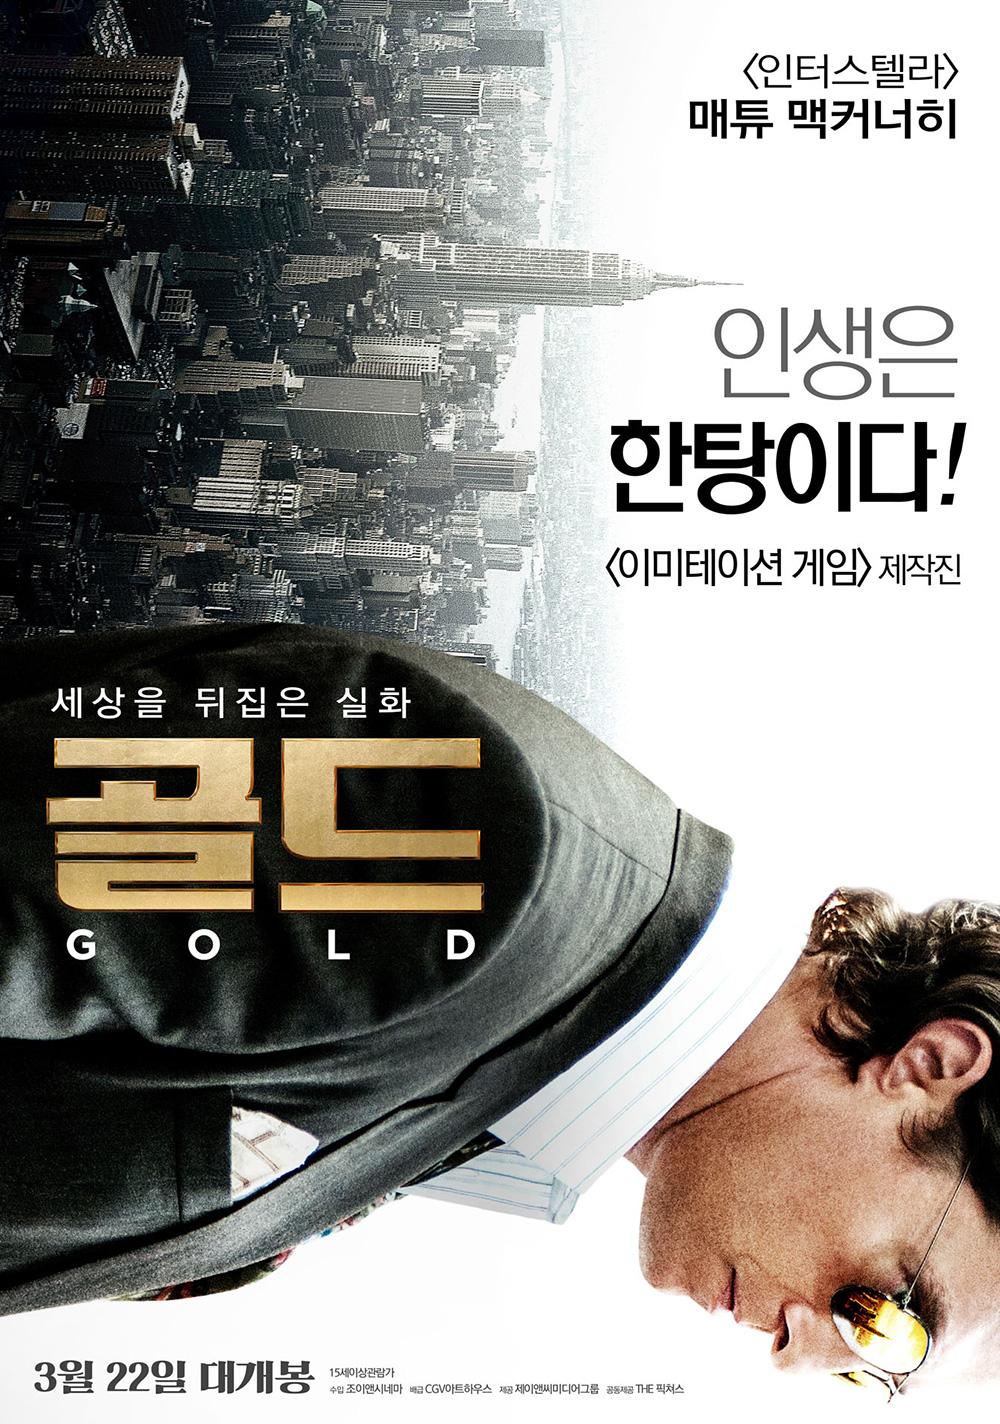 [영화종합] <지니어스>부터 <골드>까지, '실화'를 품은 위대한 삶의 재조명